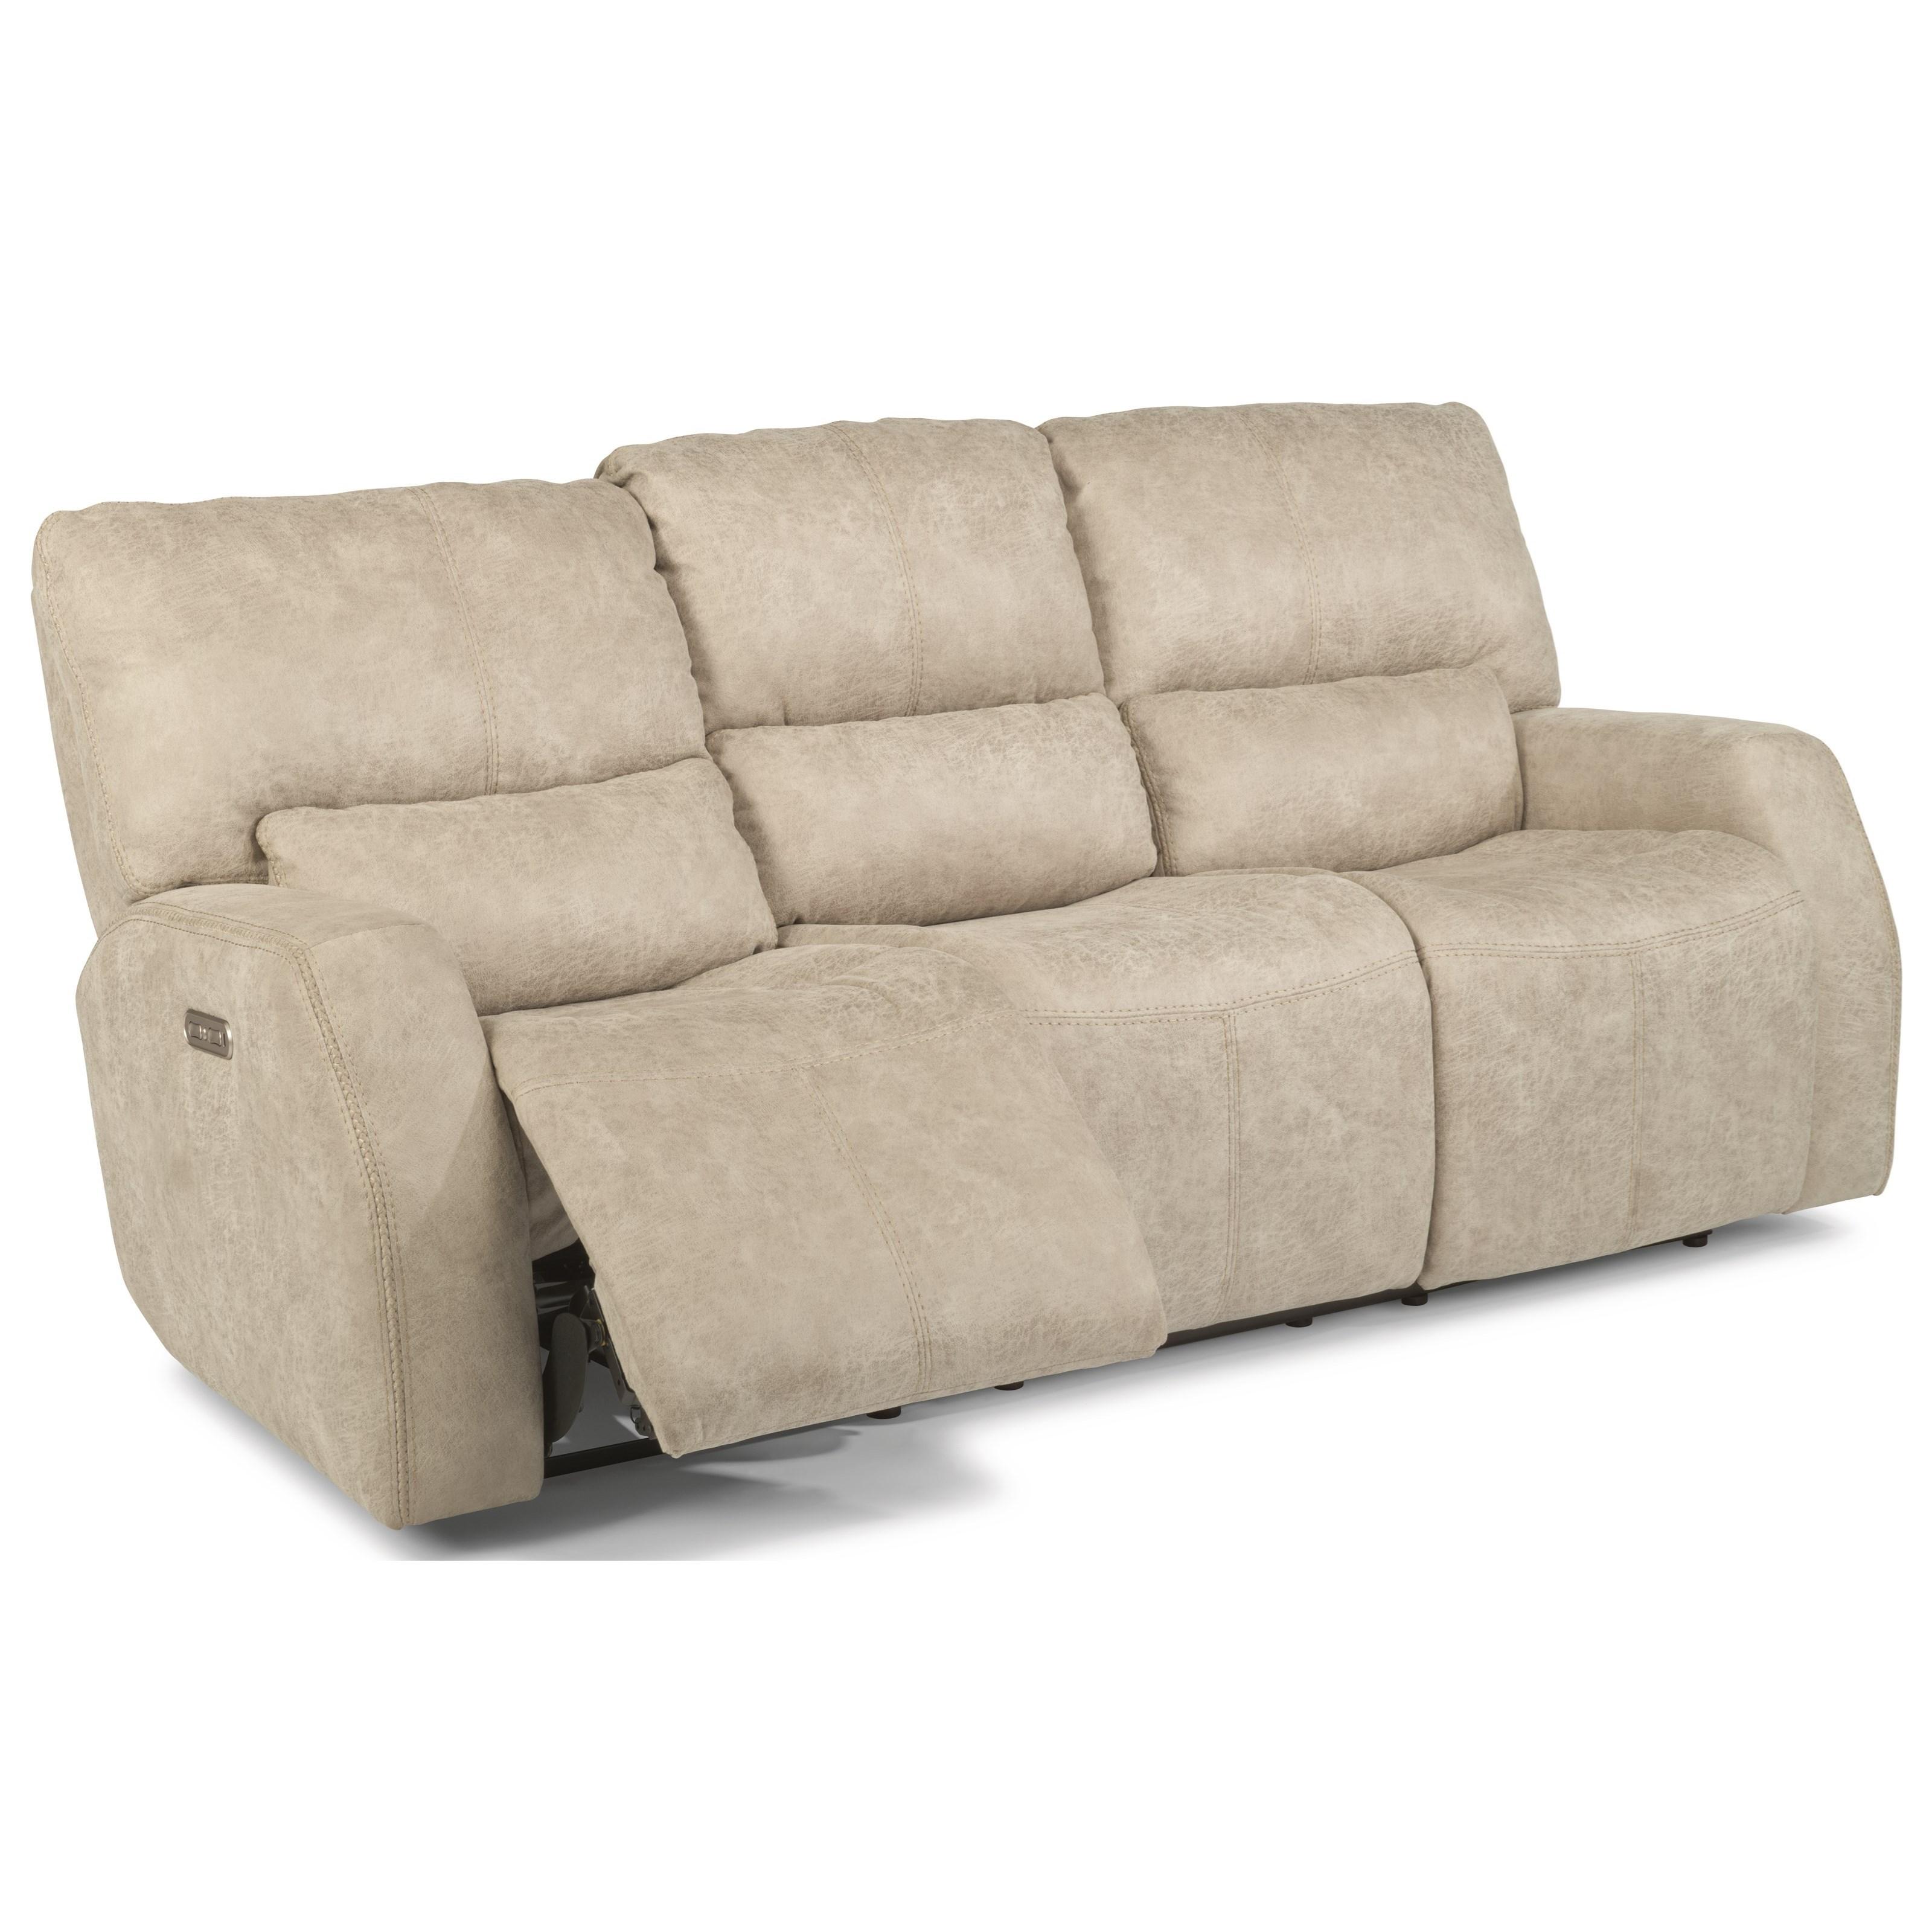 Flexsteel Wrangler Sofa